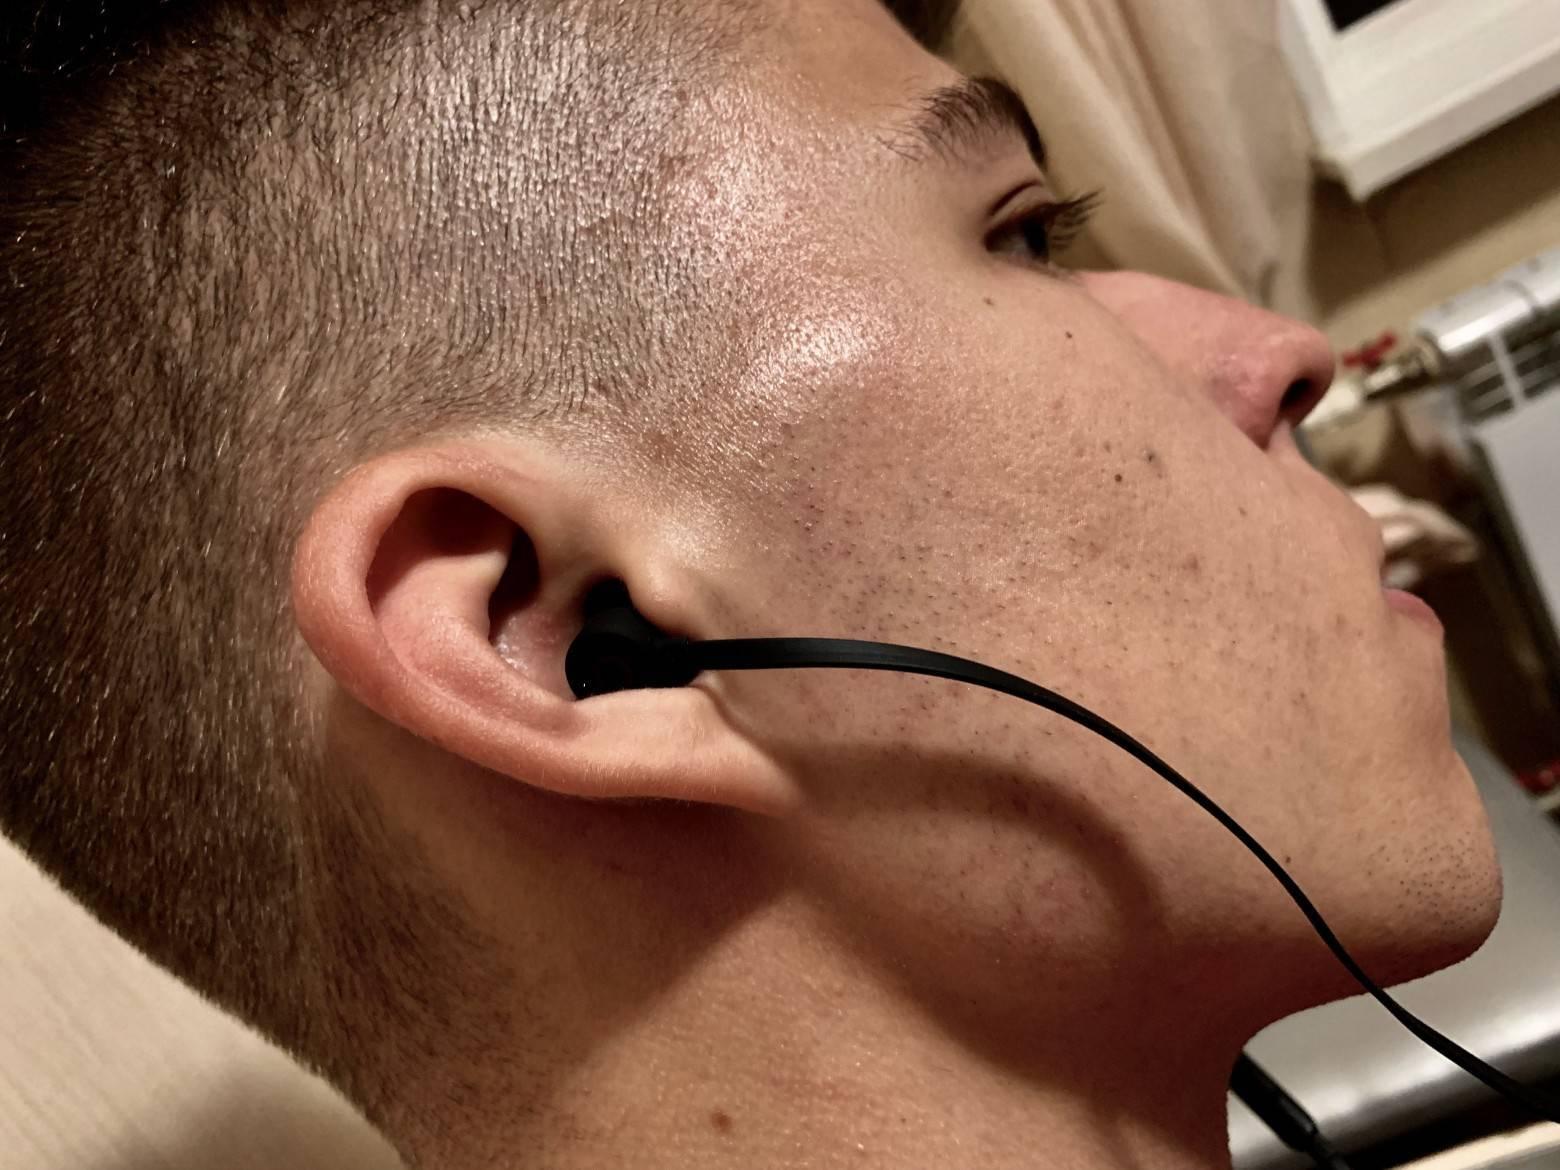 Болят уши от наушников: причины и что делать?